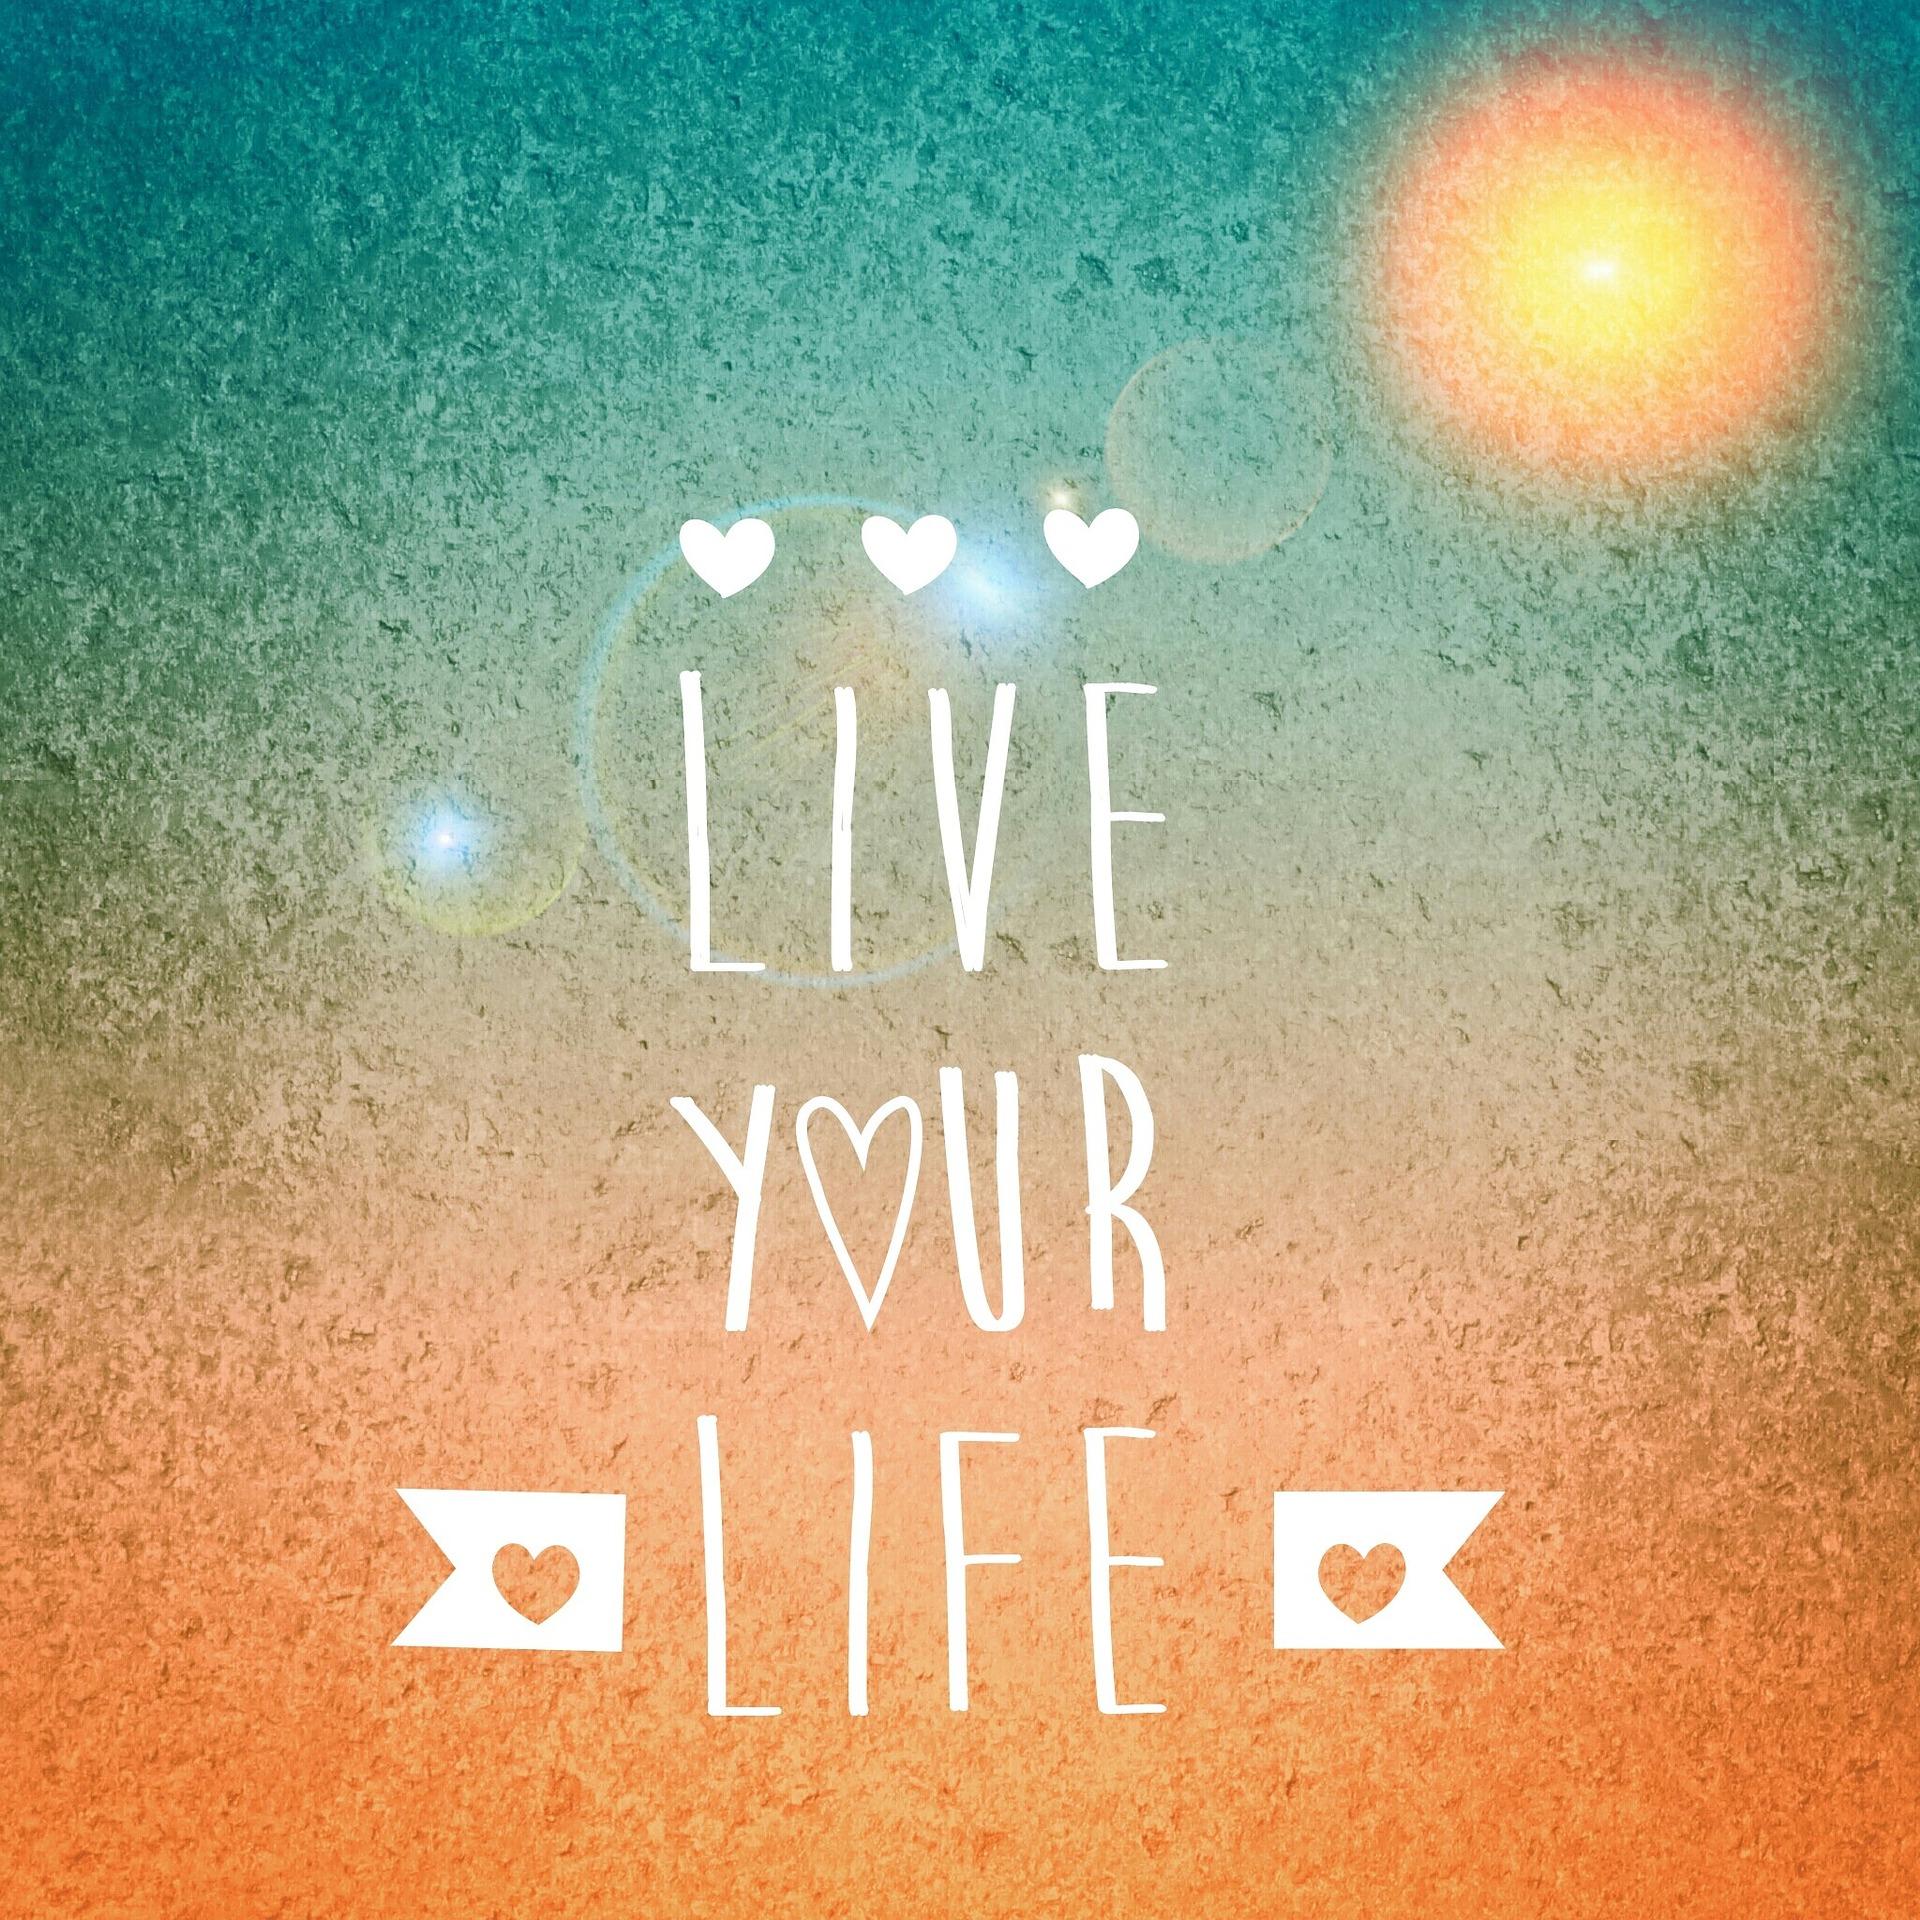 Ο καθένας ας ζήσει την ζωή του όπως επιλέγει και επιθυμεί